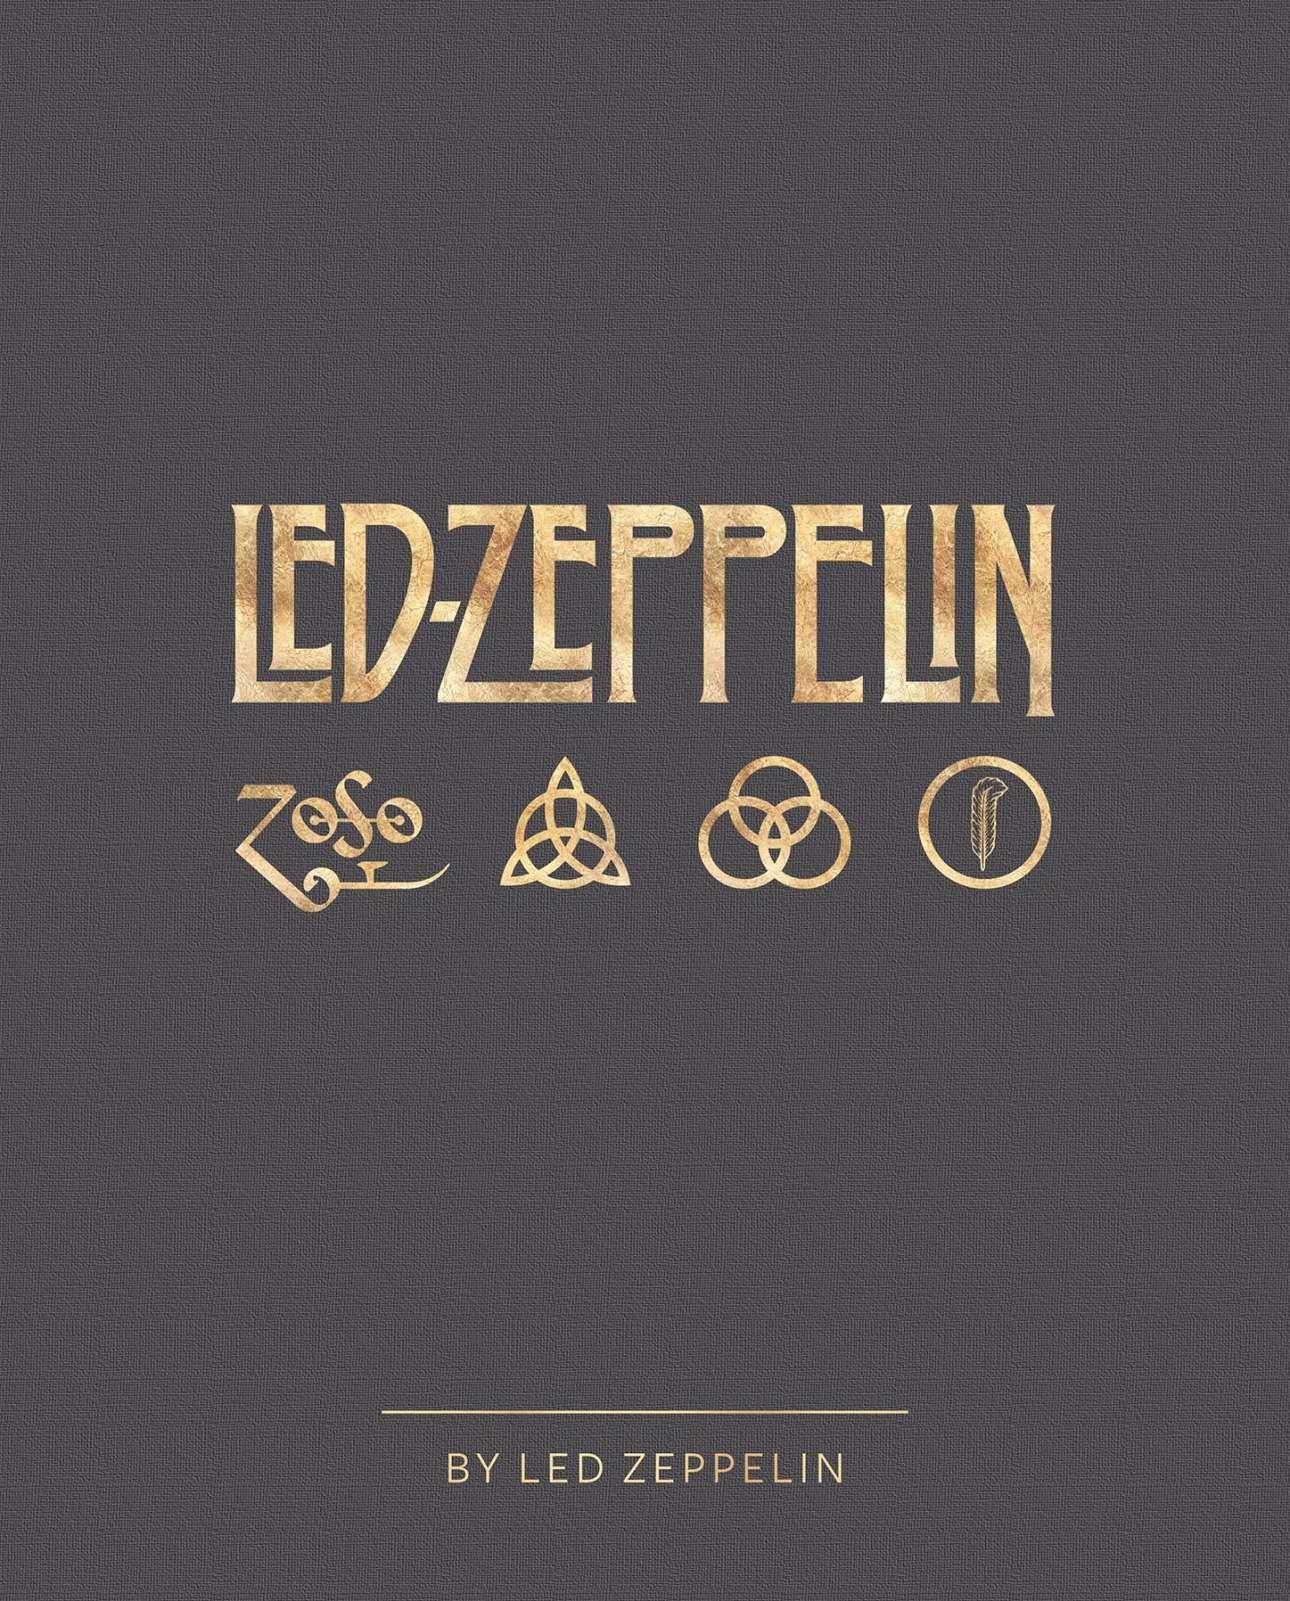 Το εξώφυλλο του βιβλίου «Led Zeppelin by Led Zeppelin» των εκδόσεων Reel Art Press, στο οποίο καταγράφεται η πενηντάχρονη ιστορία του συγκροτήματος σε 400 σελίδες